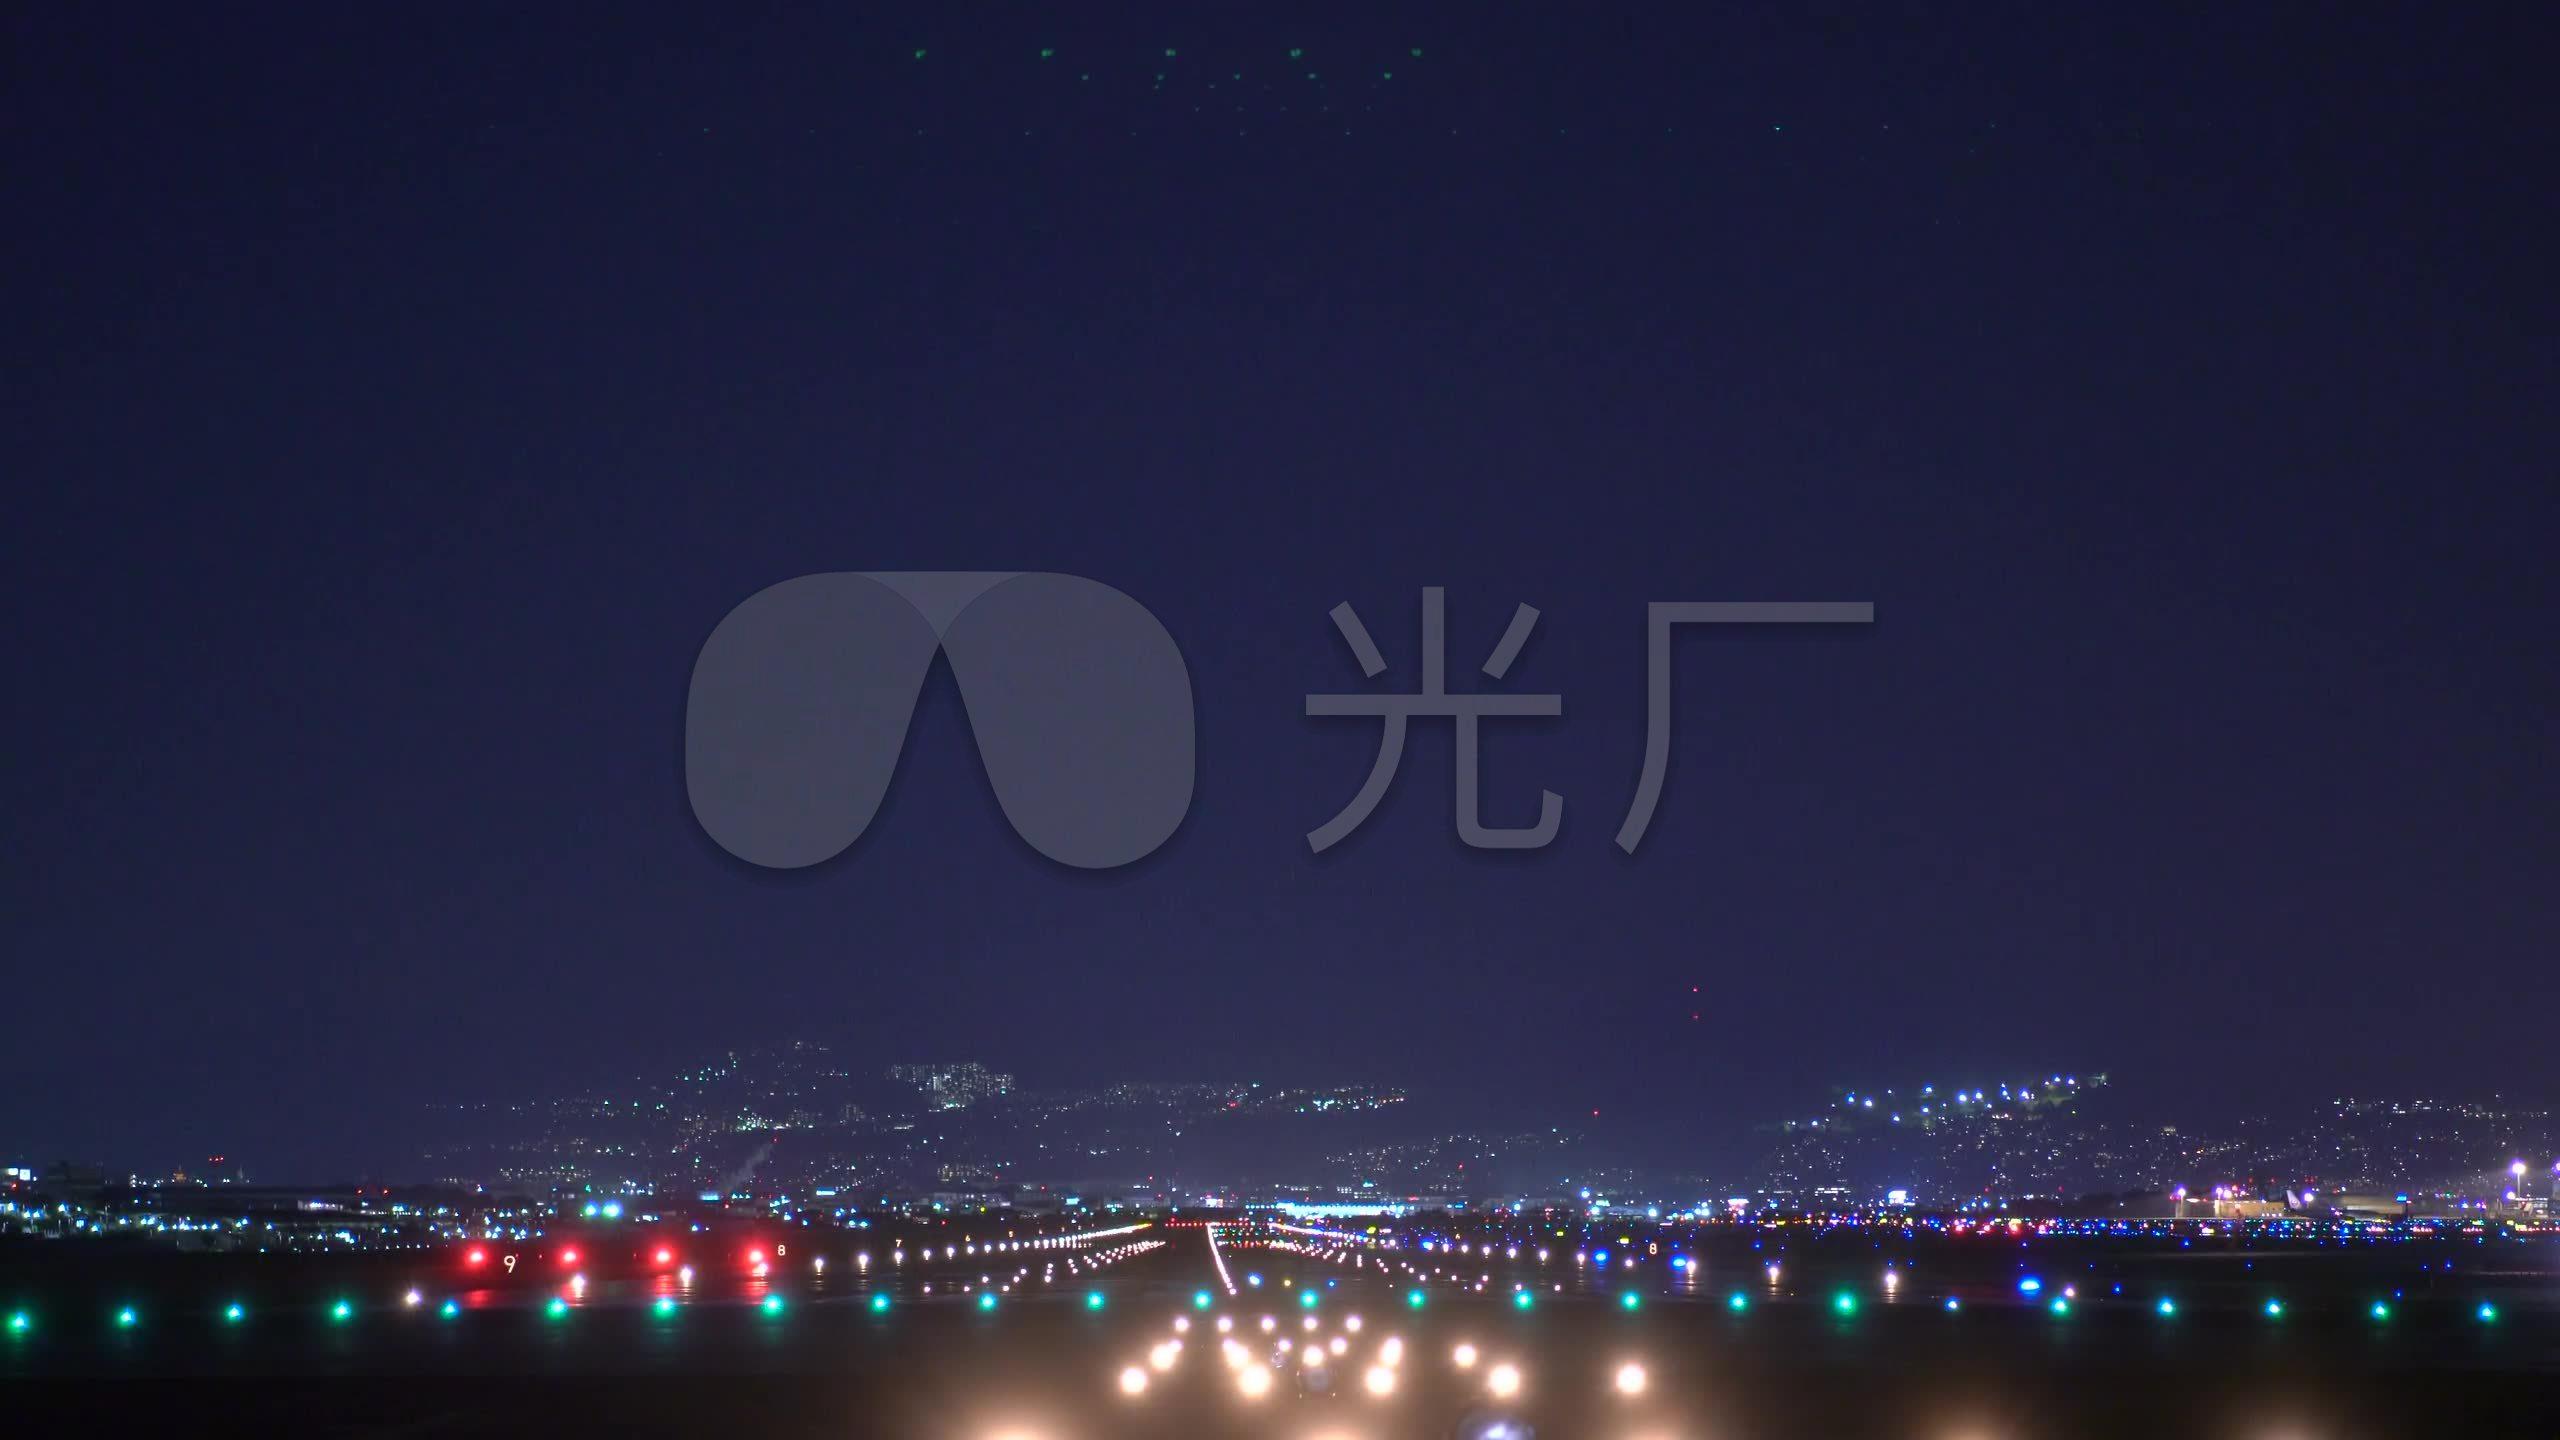 航空航天飞机降落夜晚城市_2560x1440_高清视频素材